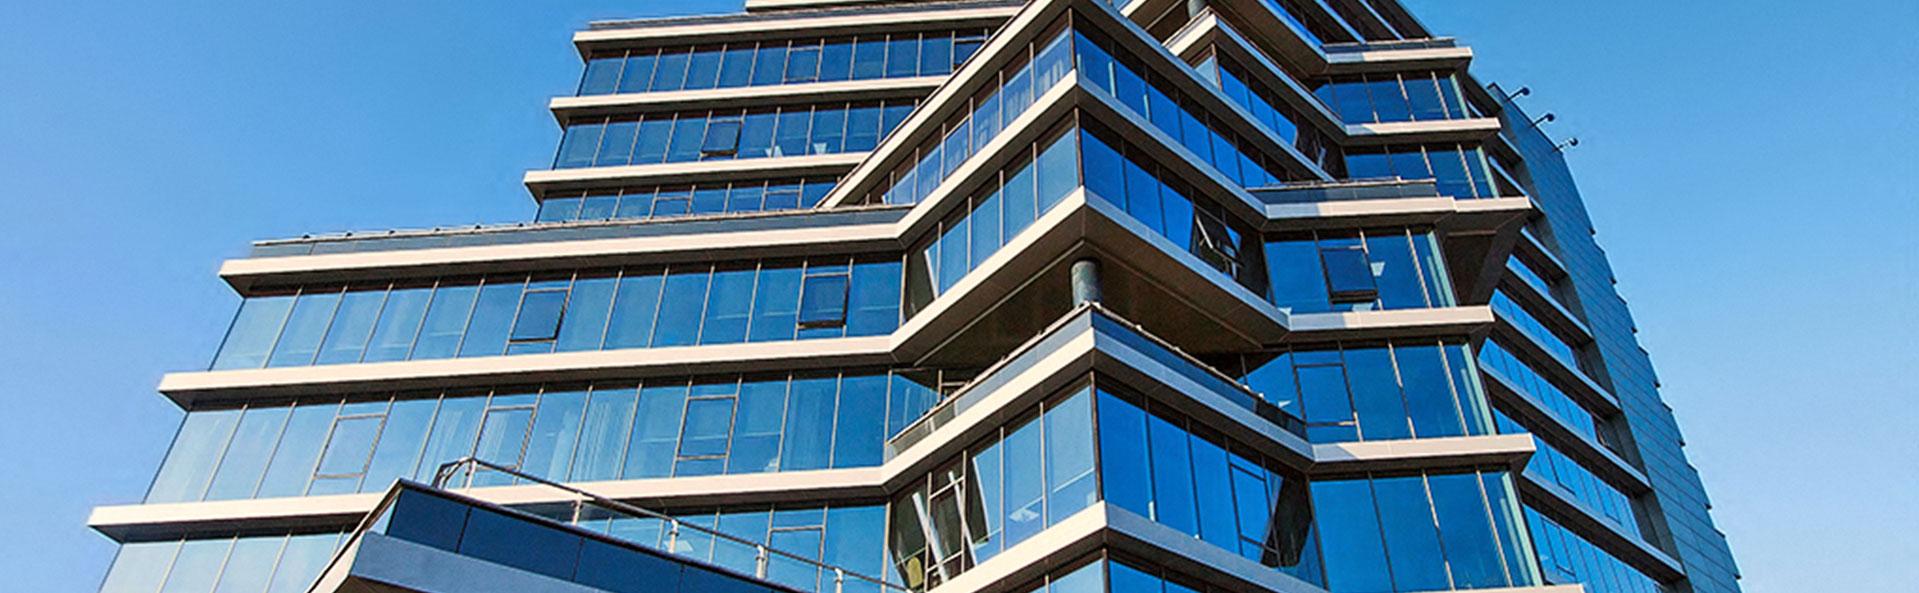 Architectural Aluminum